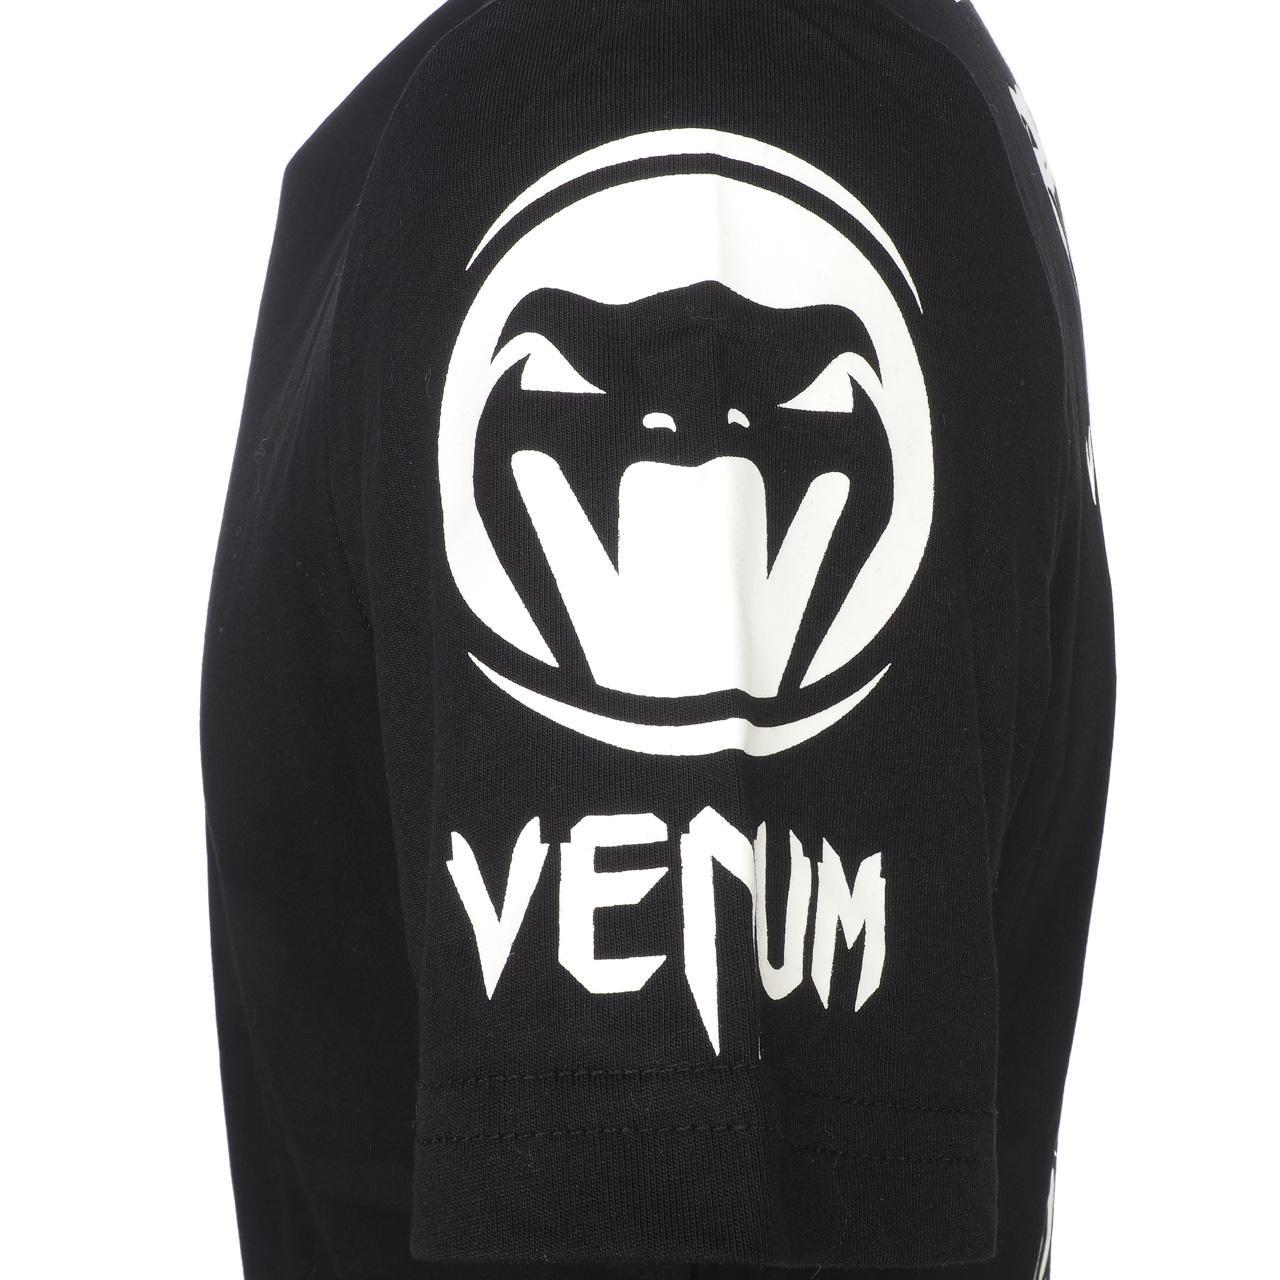 Short-Sleeve-T-Shirt-Venum-Logo-Black-Wht-Mc-Tee-Black-18232-New thumbnail 2